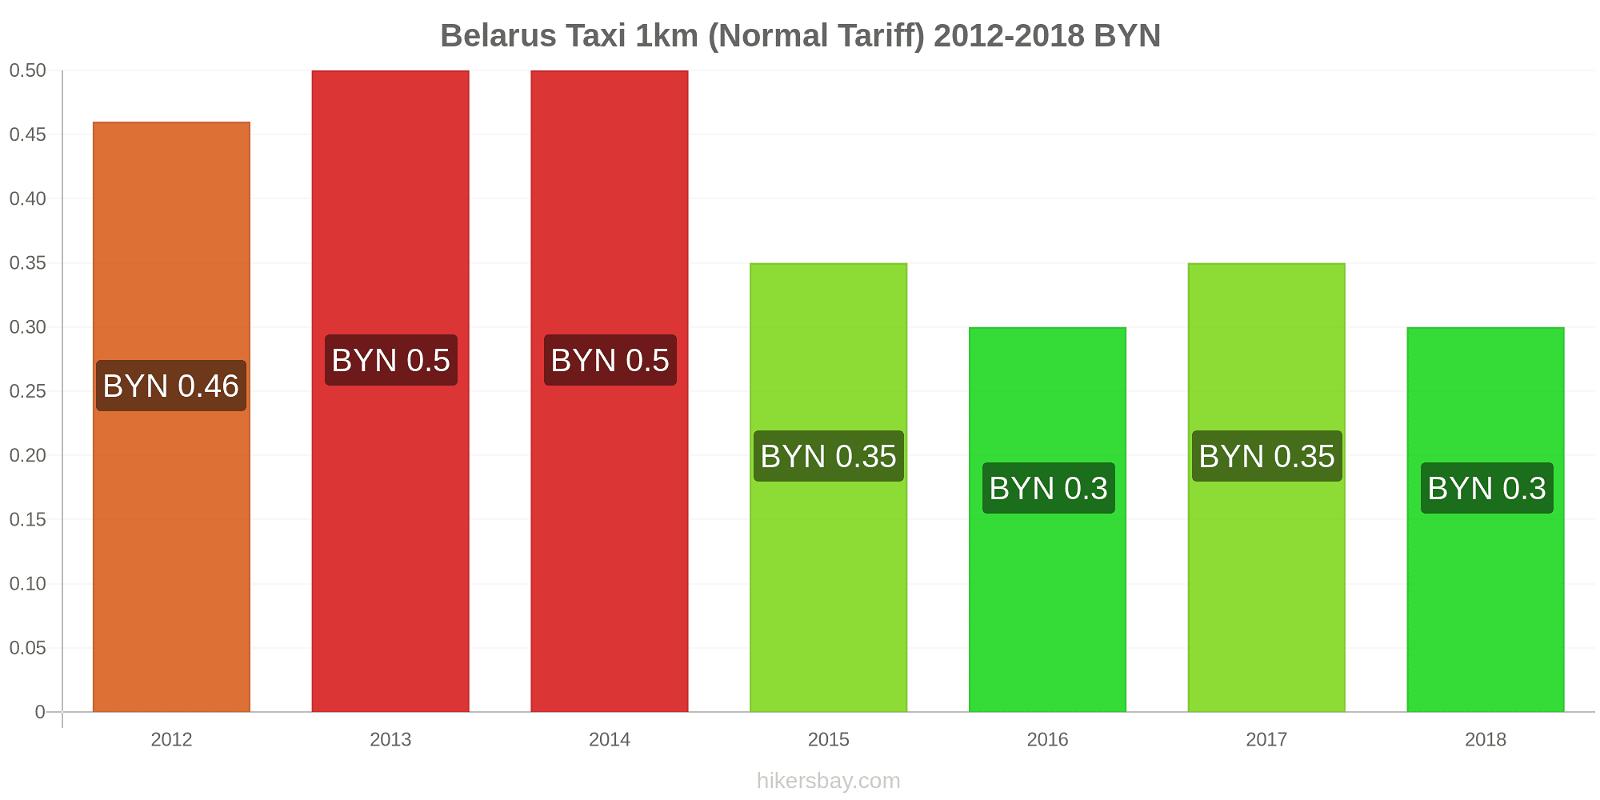 Belarus price changes Taxi 1km (Normal Tariff) hikersbay.com